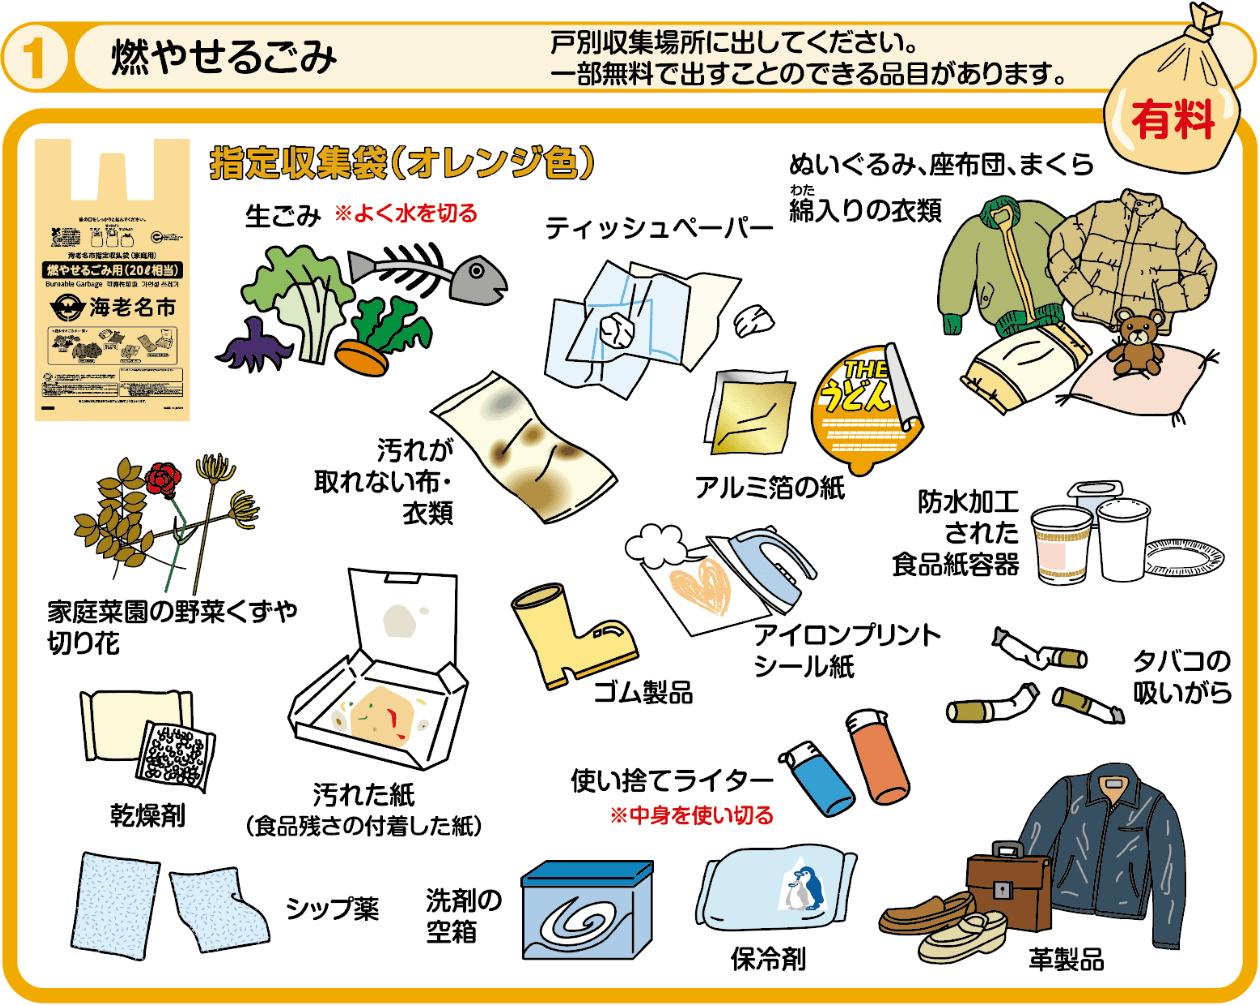 神奈川県海老名市の燃やせるゴミ